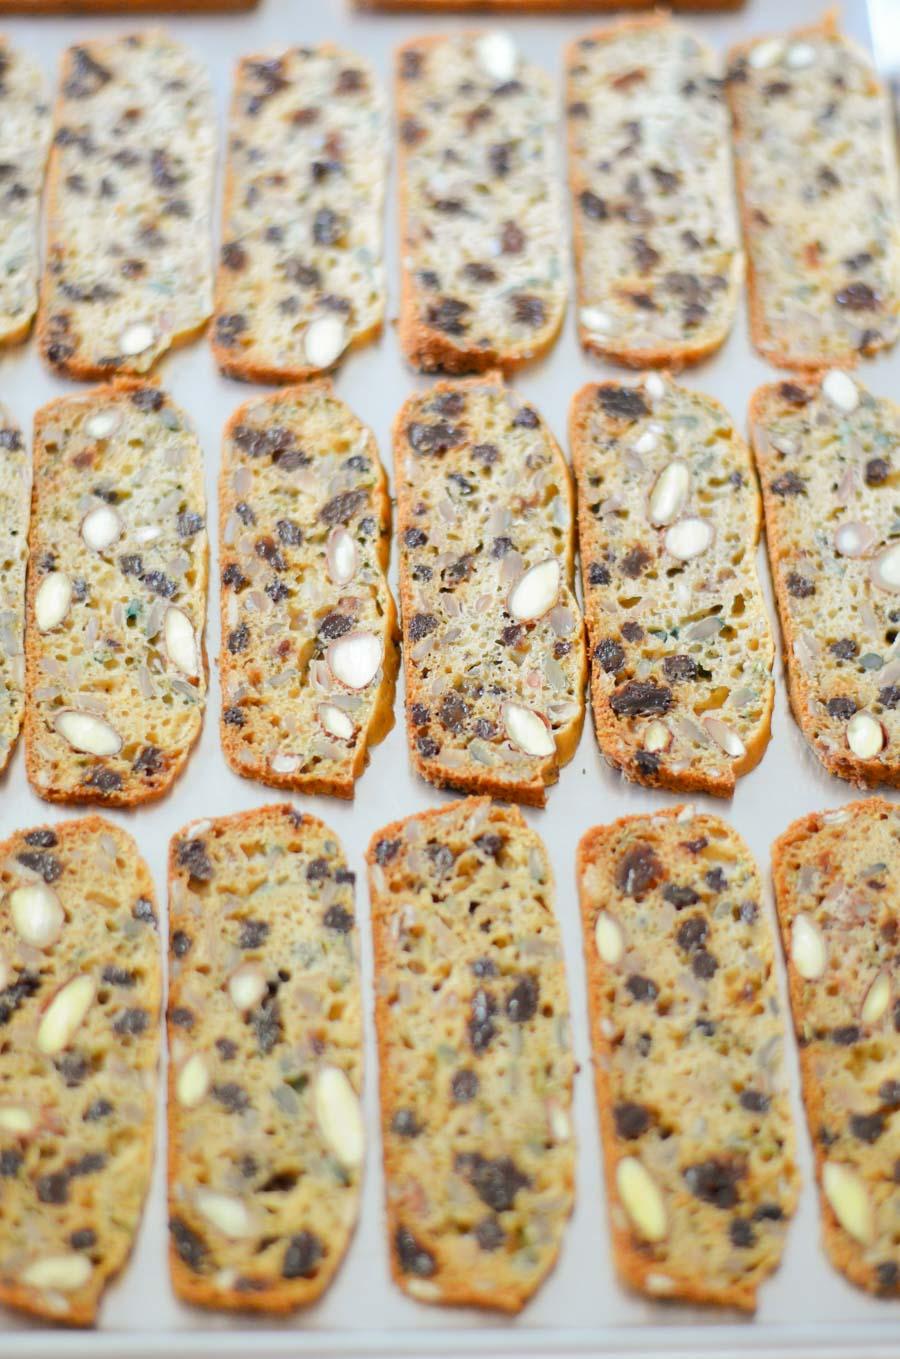 Trader Joe's Crackers with Raisins + Rosemary - Healthy Cracker Recipe